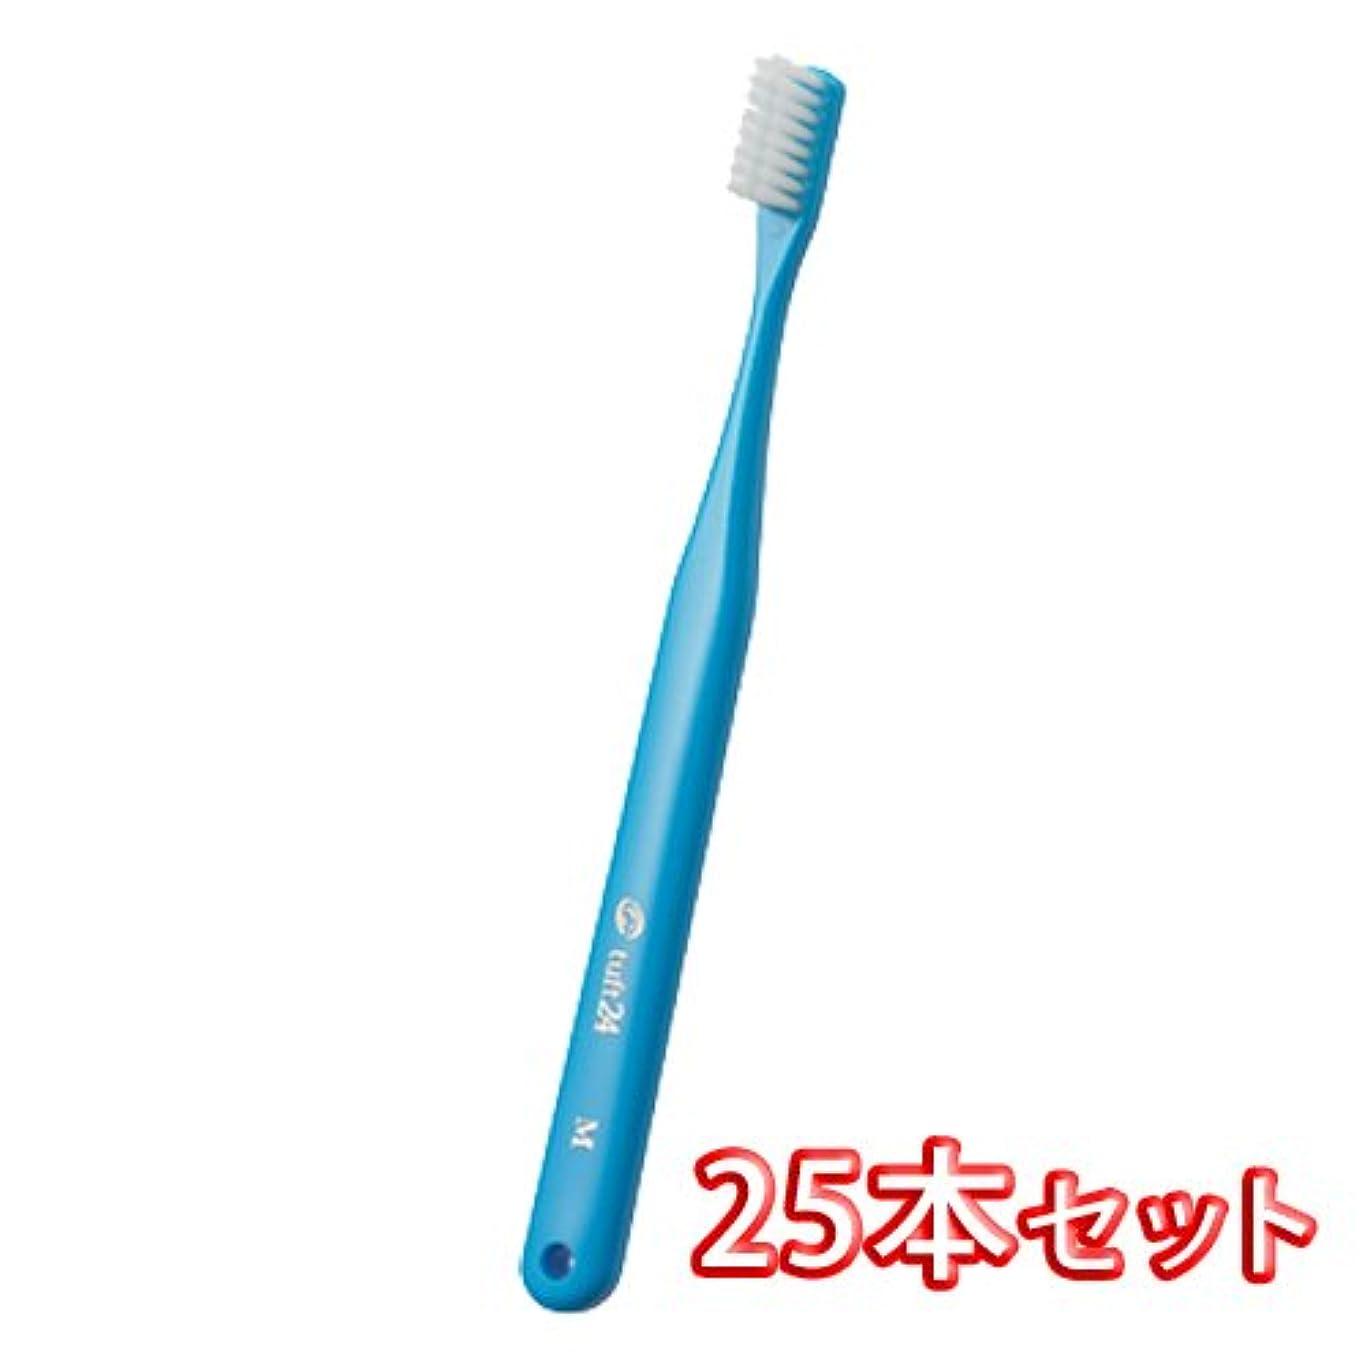 受け入れた宇宙の事オーラルケア キャップ付き タフト 24歯ブラシ 25本入 ミディアム M (ブルー)